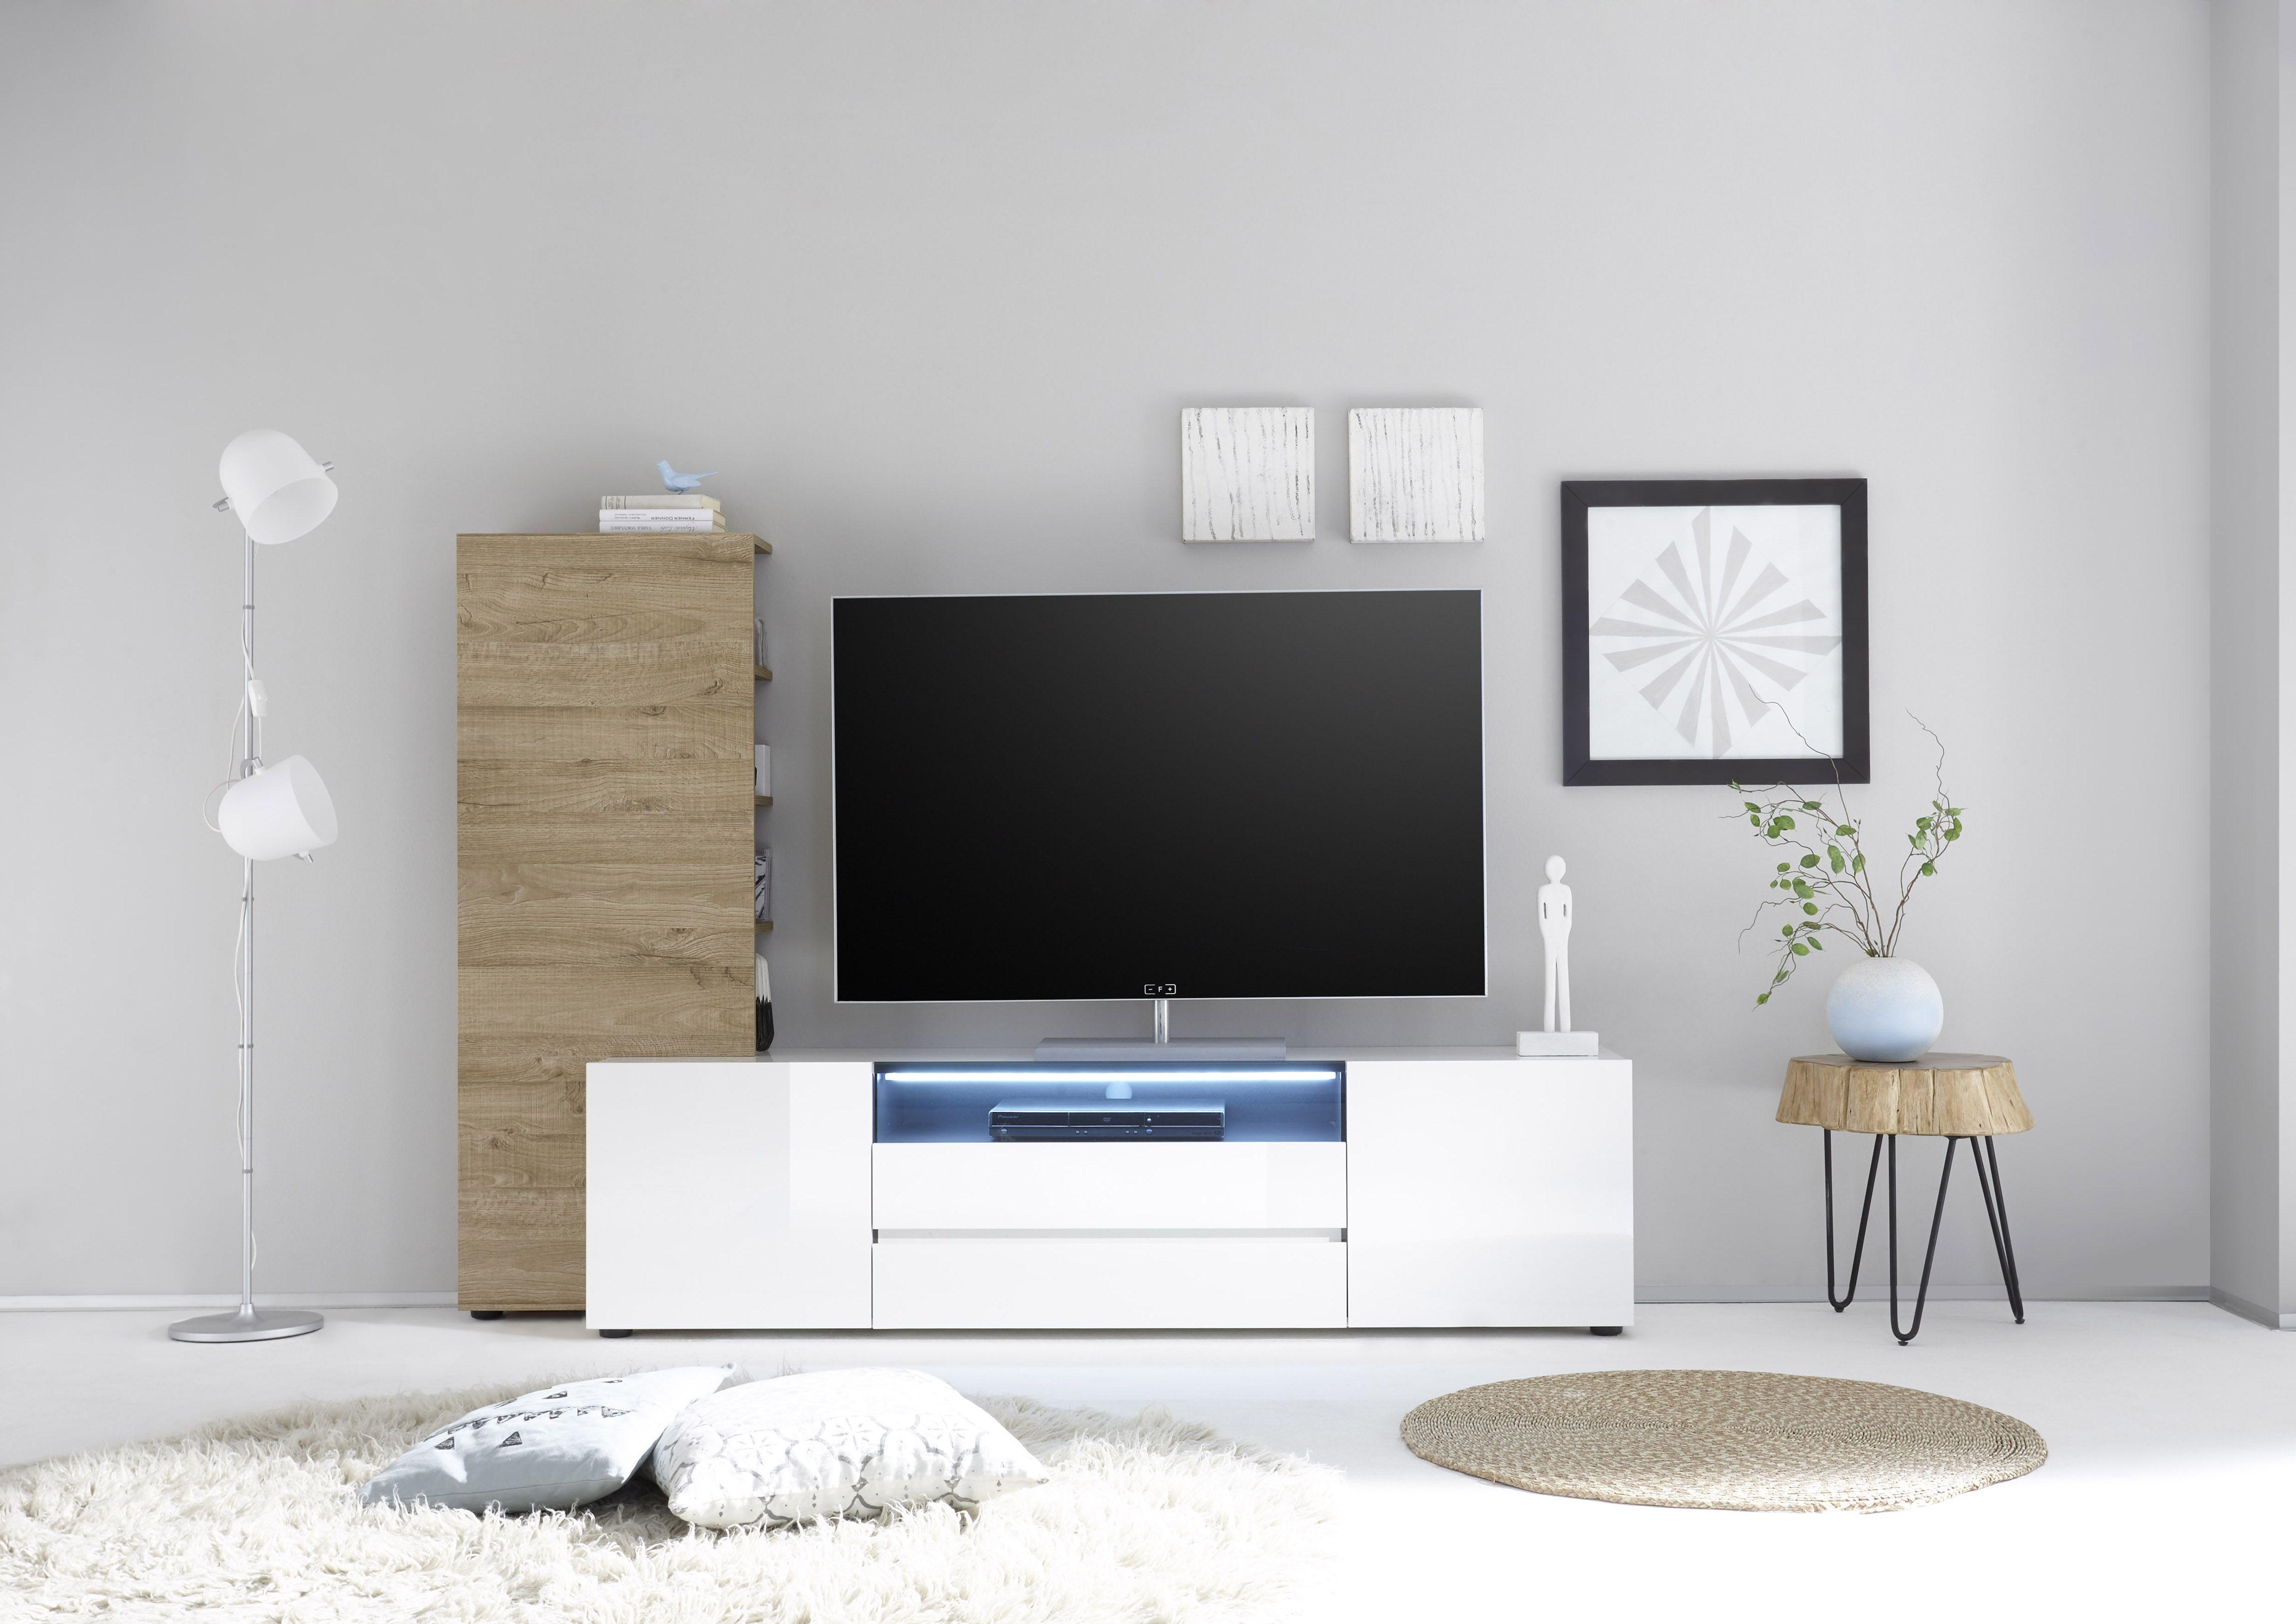 Tv Lowboard Mit Regal Weiss Hochglanz/ Eiche Natur Woody 41 02616 Holz  Modern Jetzt Bestellen Unter: Https://moebel.ladendirekt.de/wohnzimmer/tv Hifi Moebel  ...